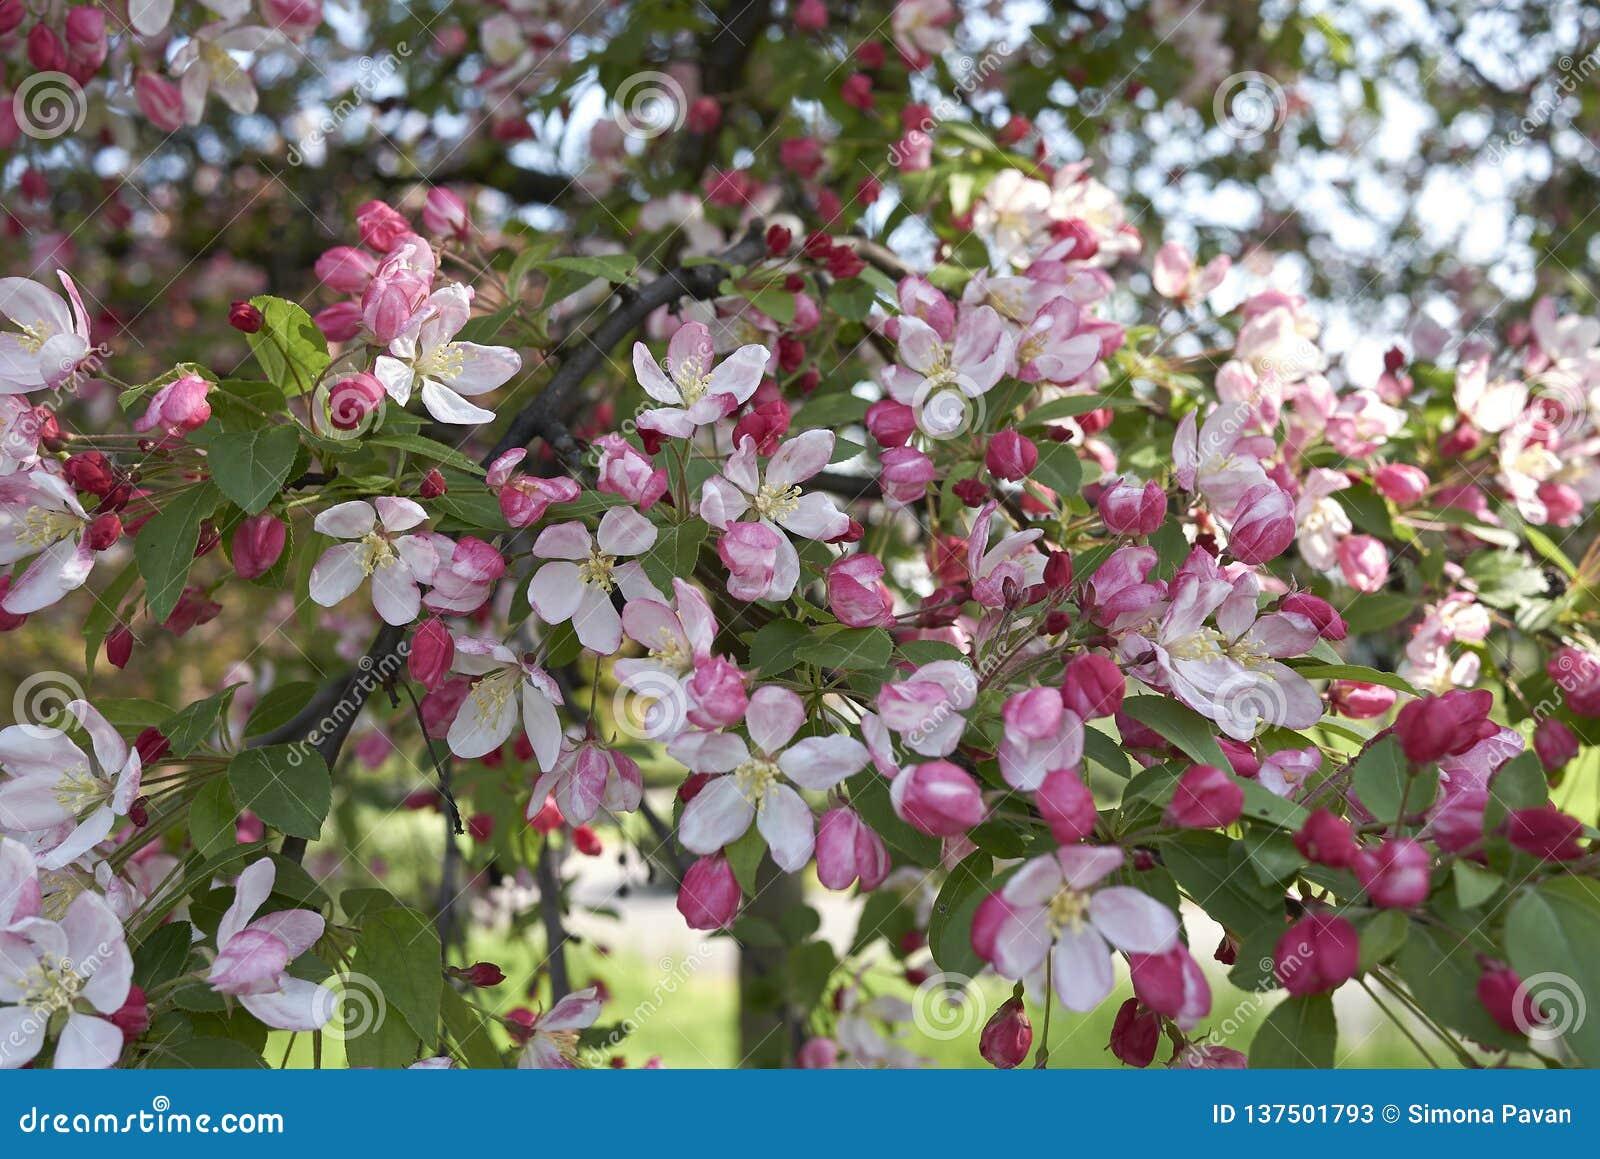 Malus Floribunda Pink And White Blossom Stock Image Image Of